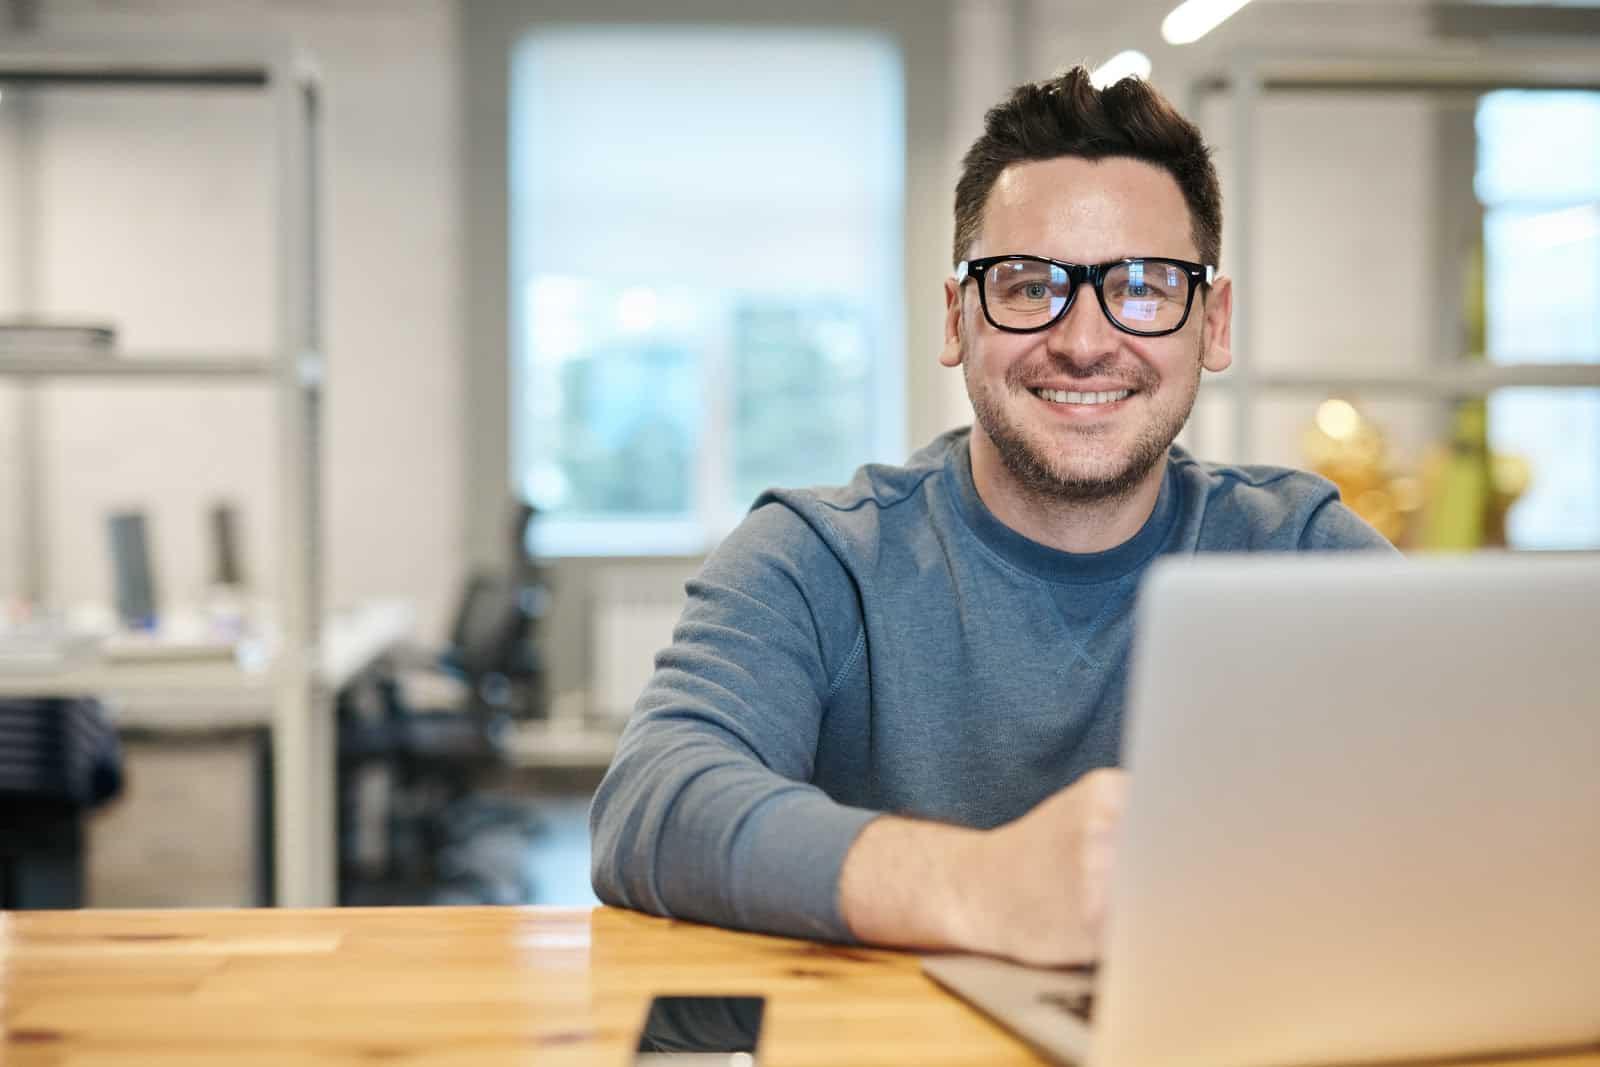 man smiling at computer